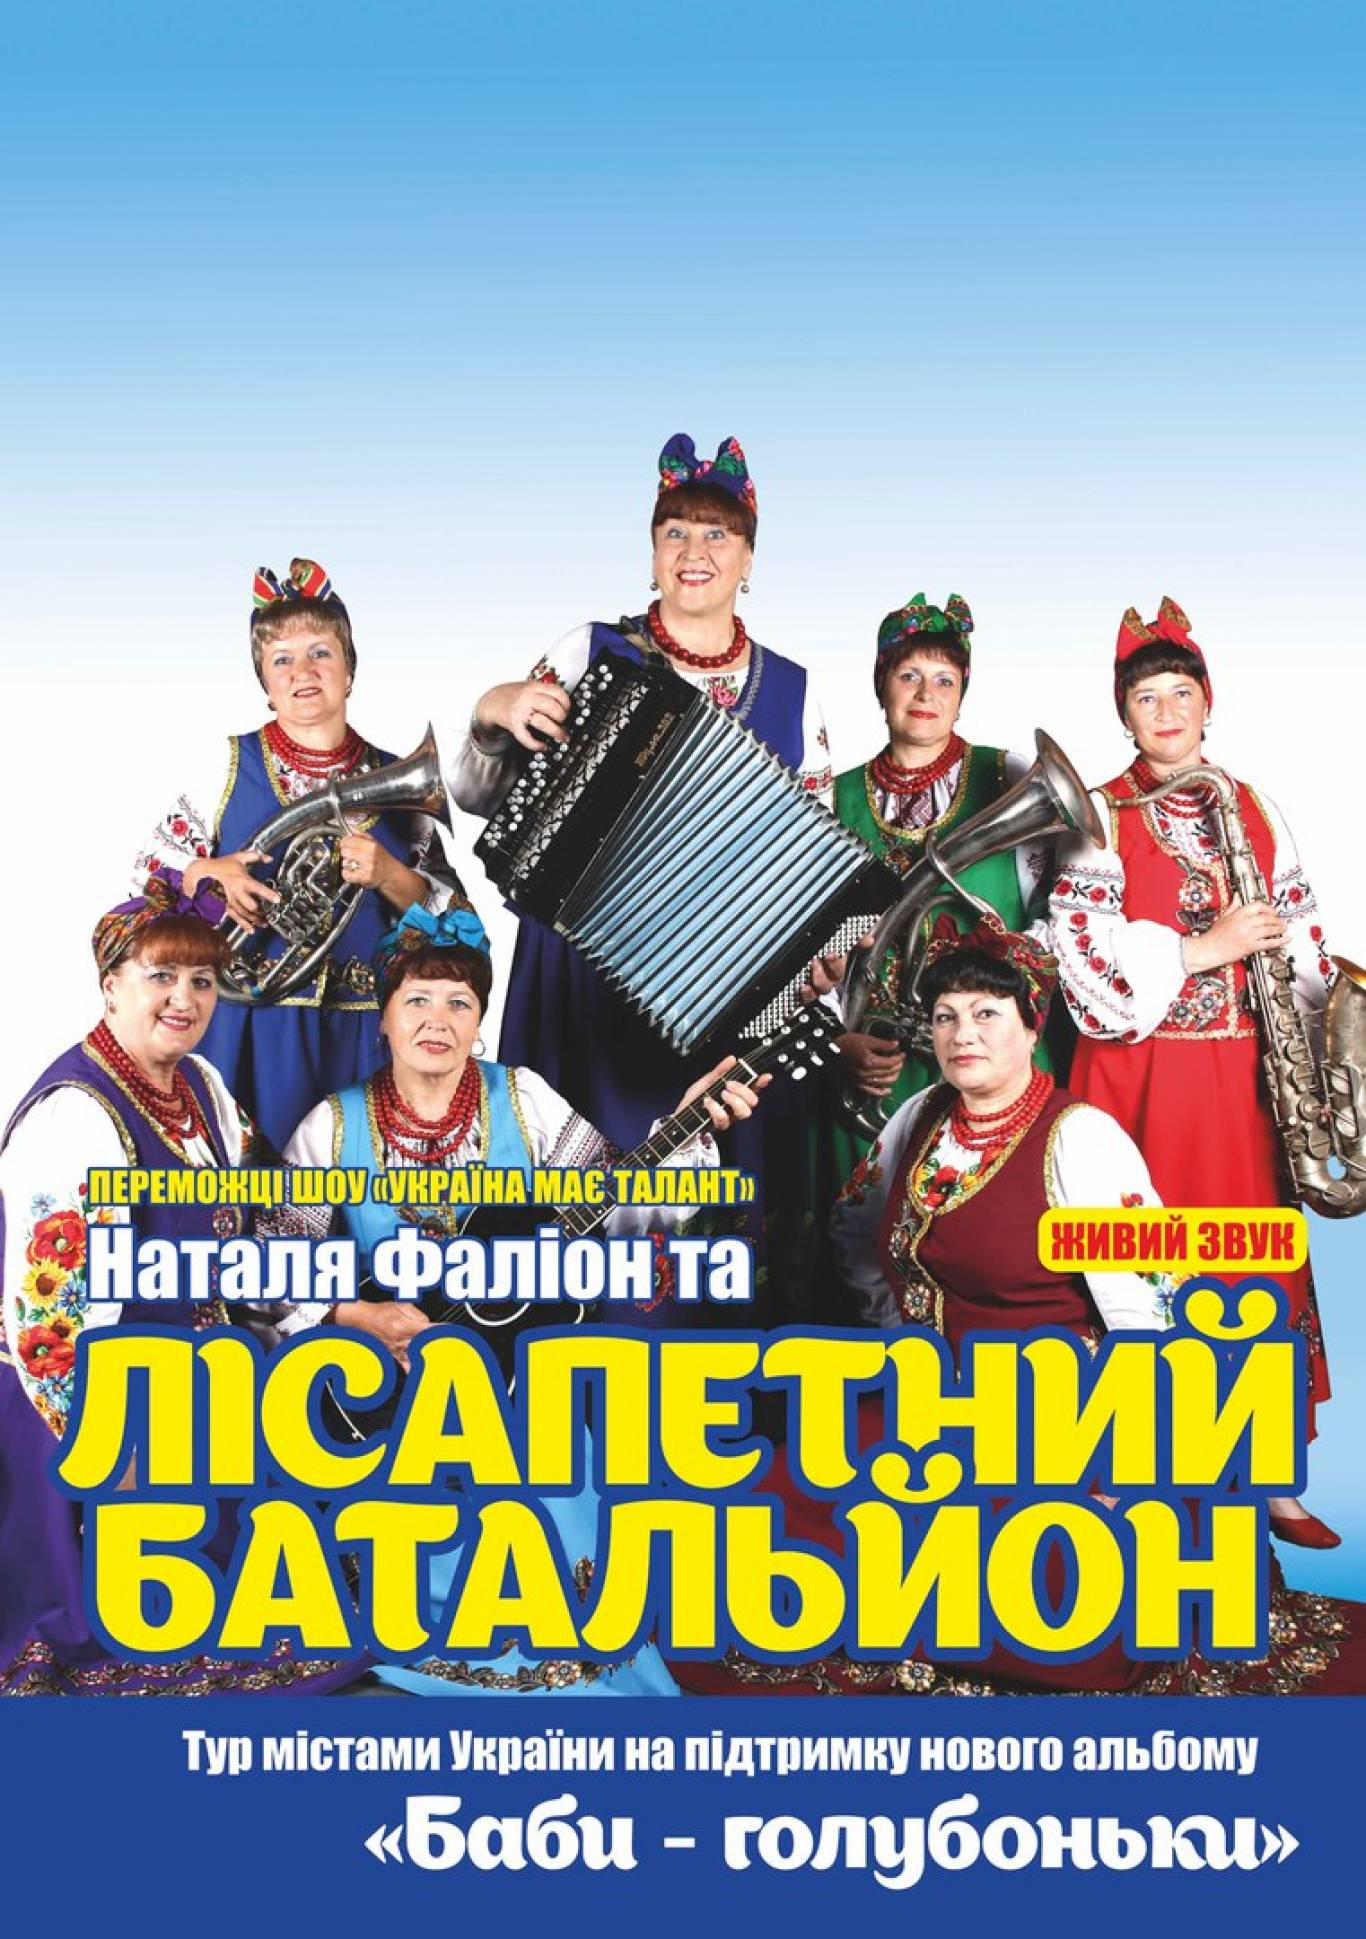 """Лісапетний батальйон з презентацією нового альбому """"Баби-голубоньки"""""""